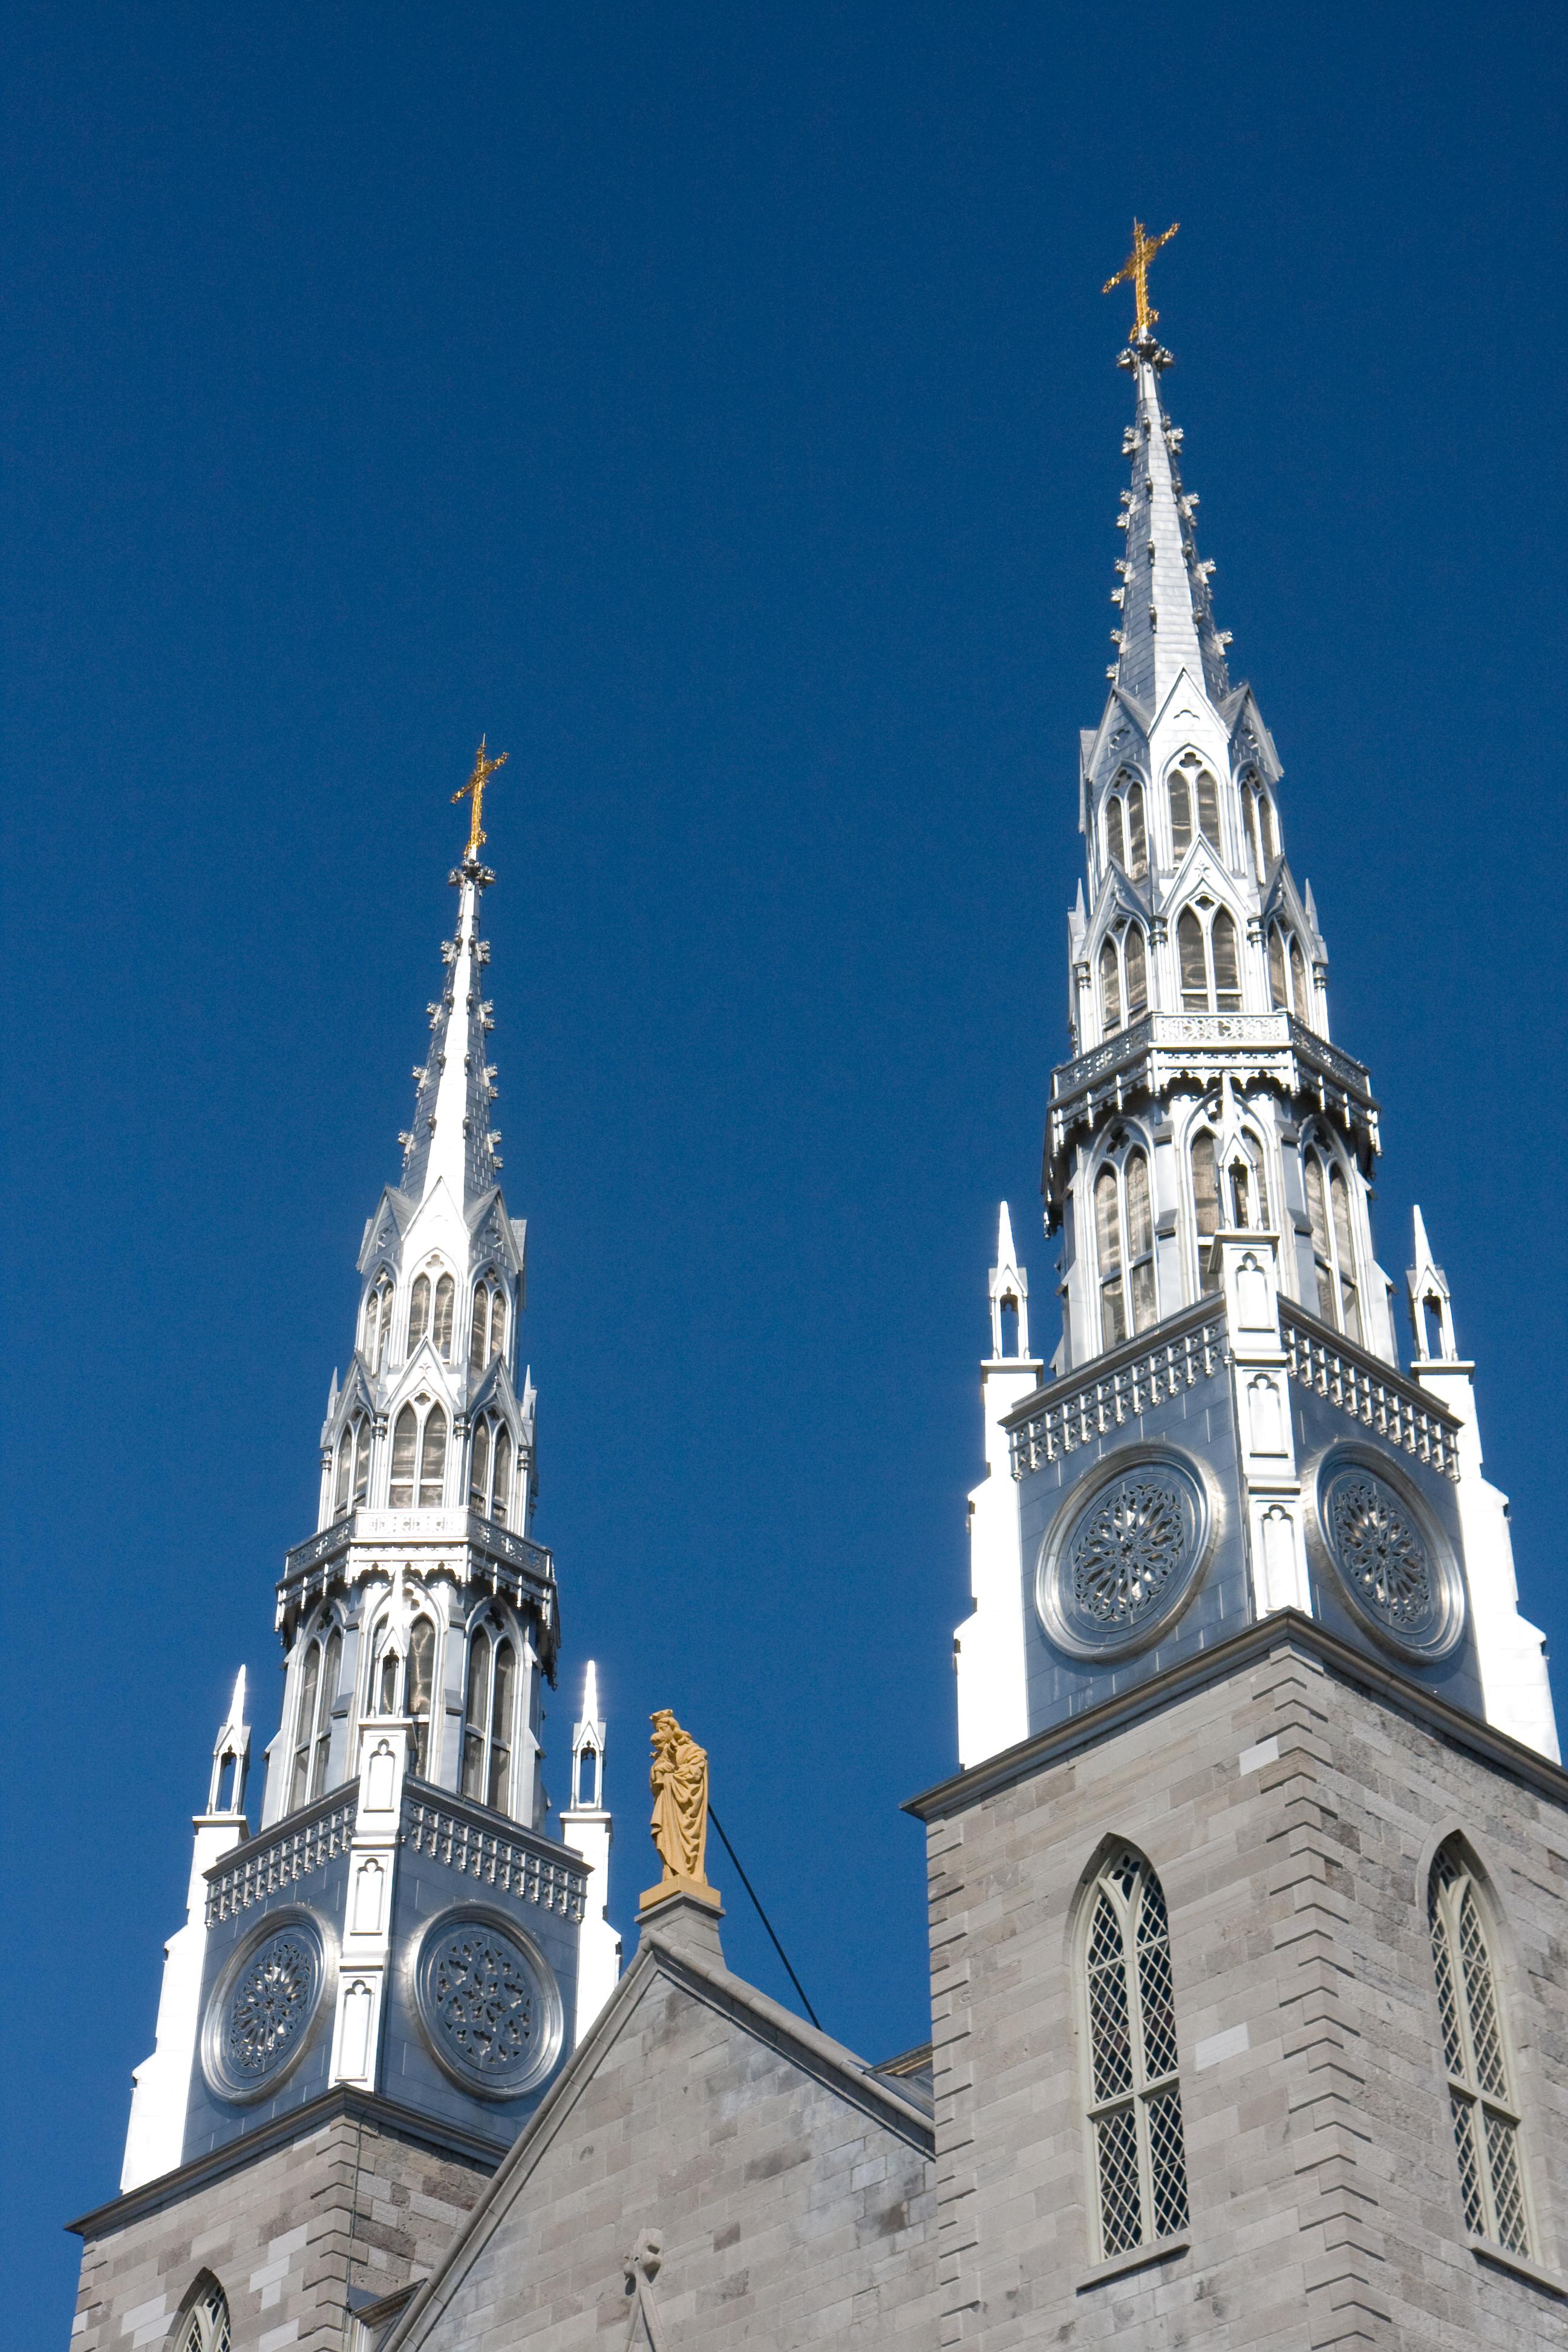 Ottawa Church Notre Dame File:ottawa on Notre Dame